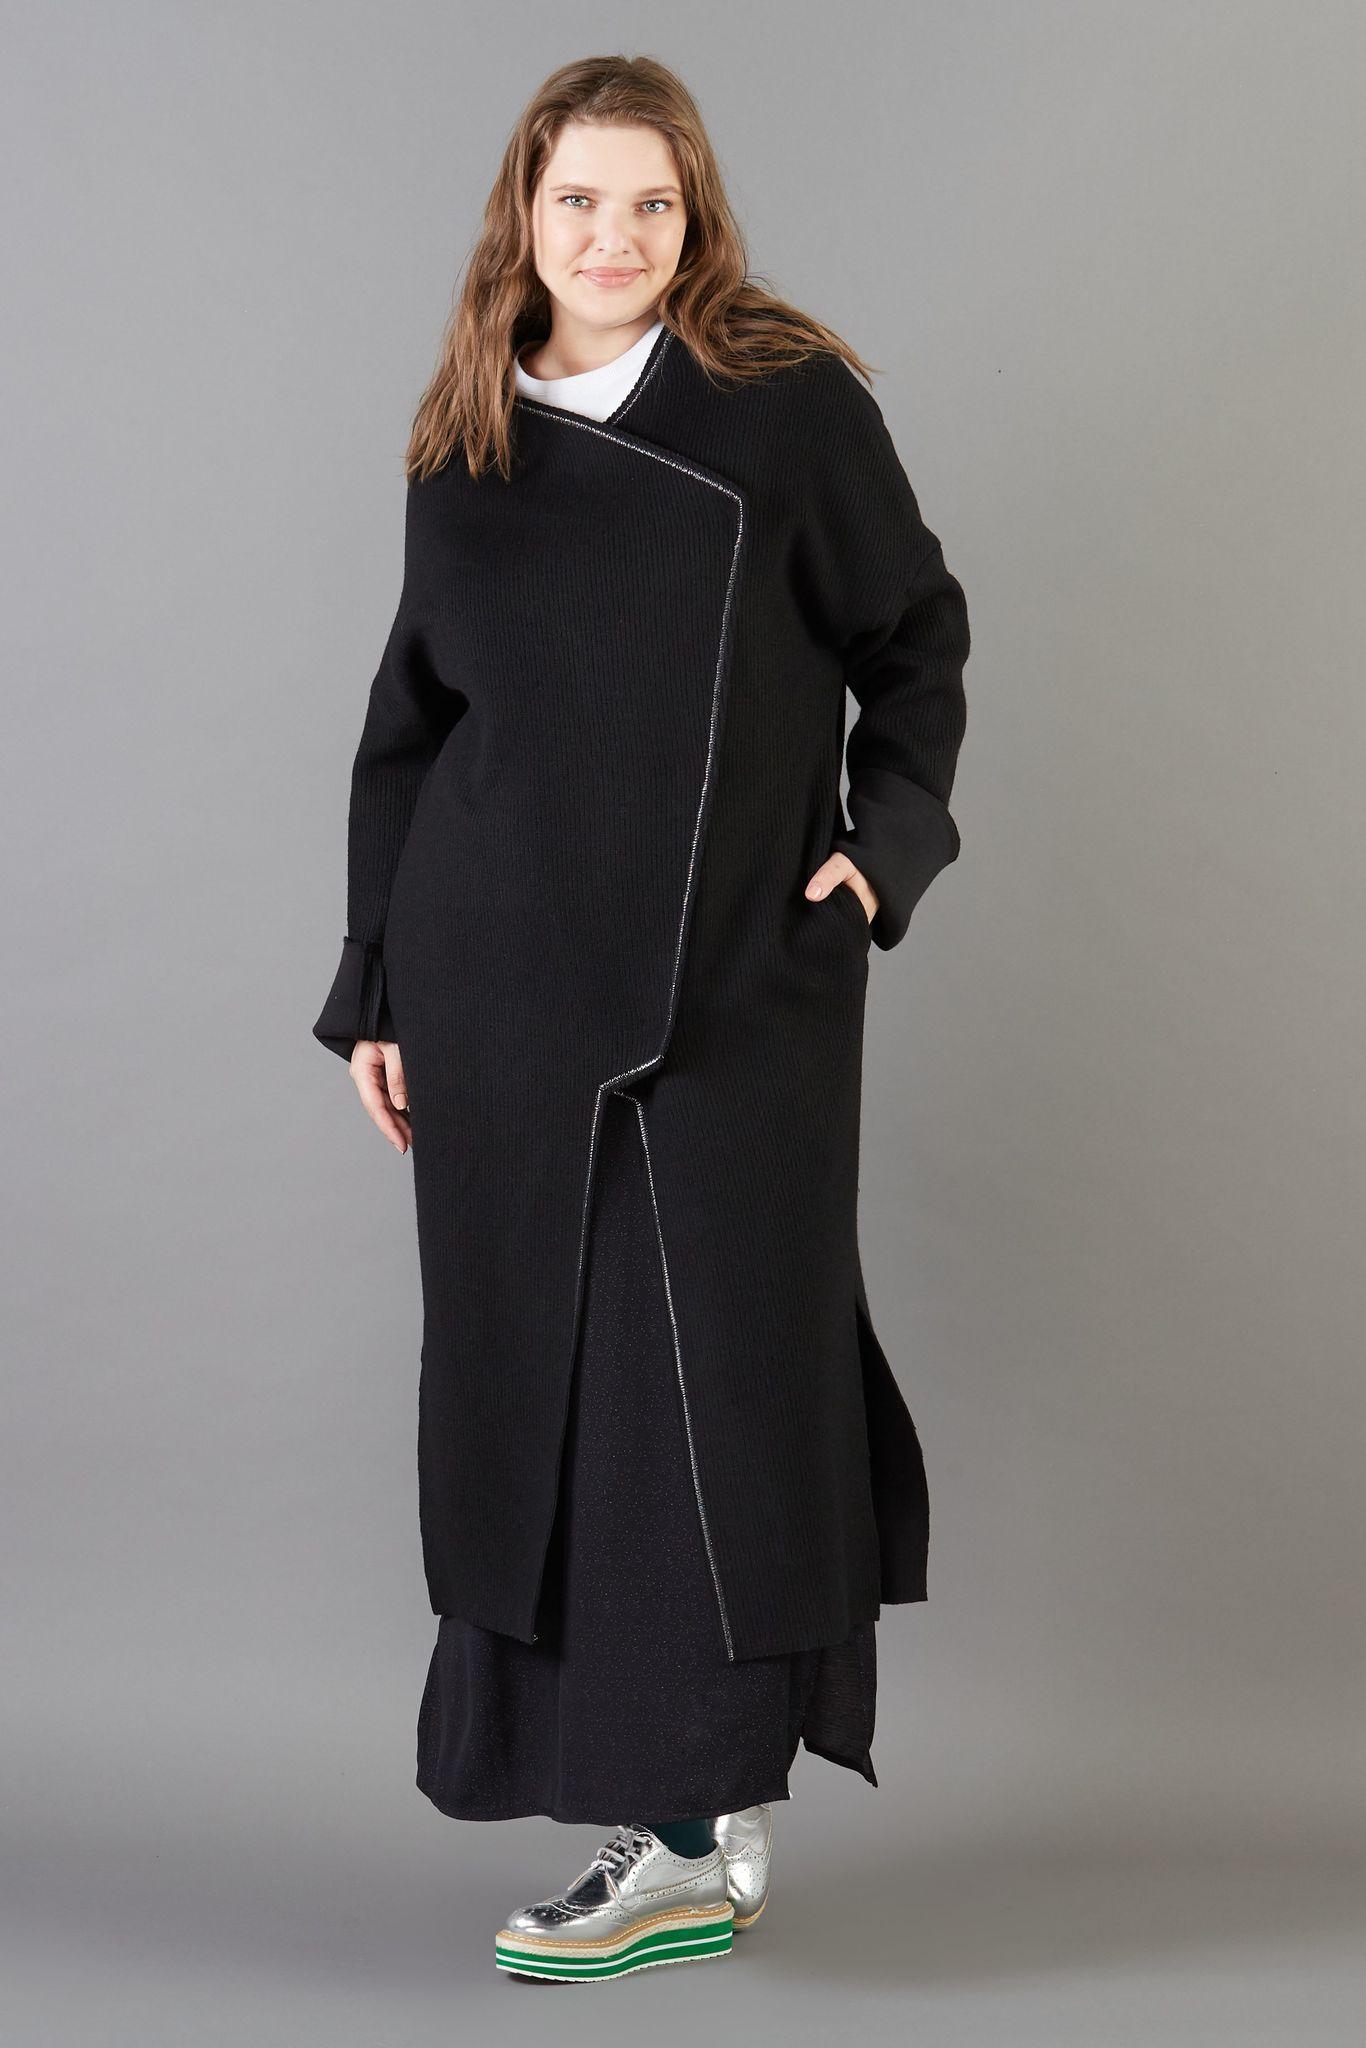 Кардиган-пальто LE-06 CА01 01Пальто<br>Свободный мягкий кардиган-пальто без подкладки с контрастной строчкой люрексовой нитью. Правильный баланс шерсти и вискозы в составе - позволит носить его осенью и даже мягкой зимой. Пластичный, легкий, немнущийся, идеально - в городе и в путешествии. Рост модели на фото 178 см, размер 54 (российский).<br>